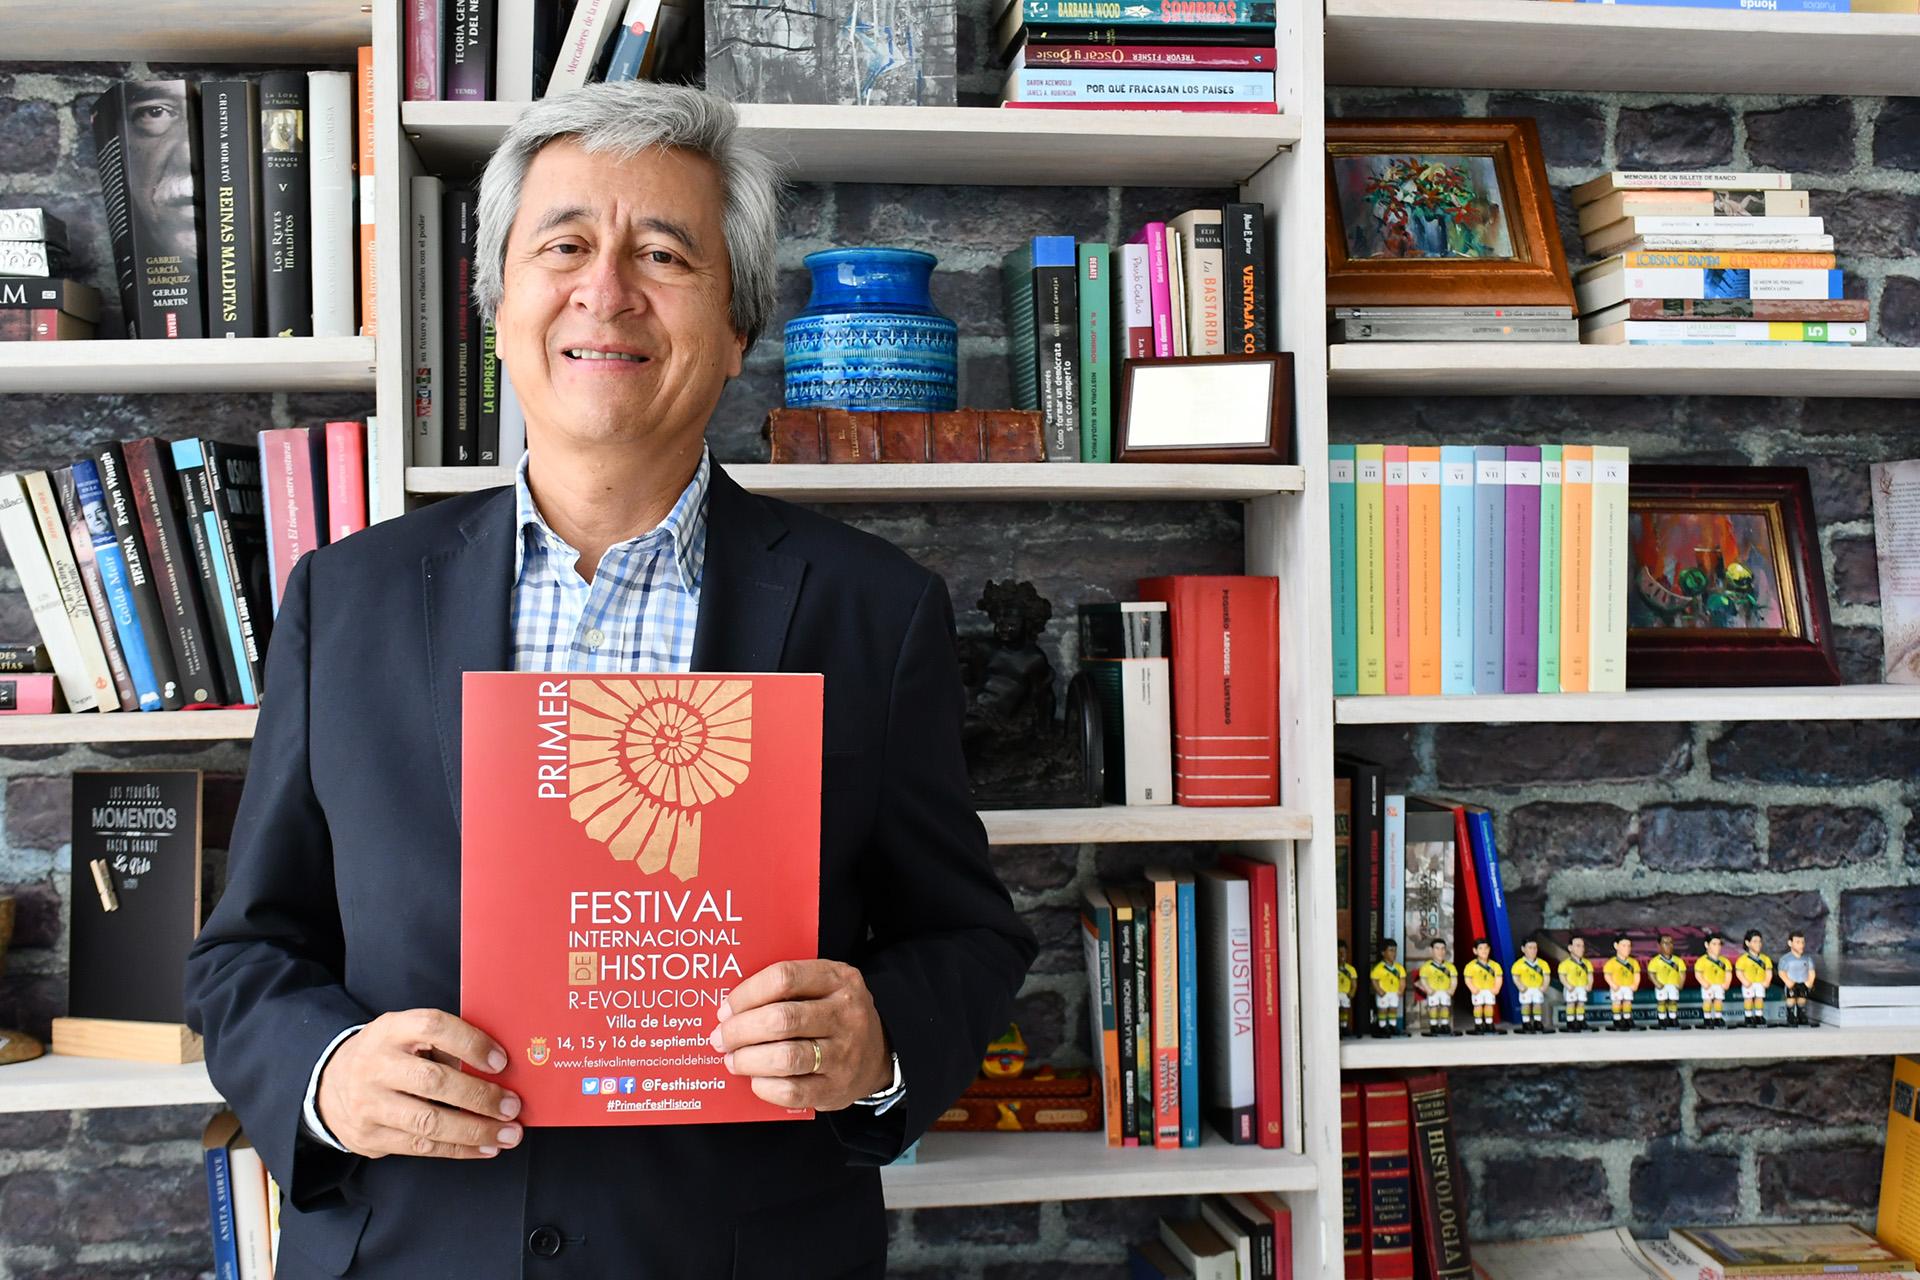 Festival Internacional de Historia, un reencuentro con las raíces